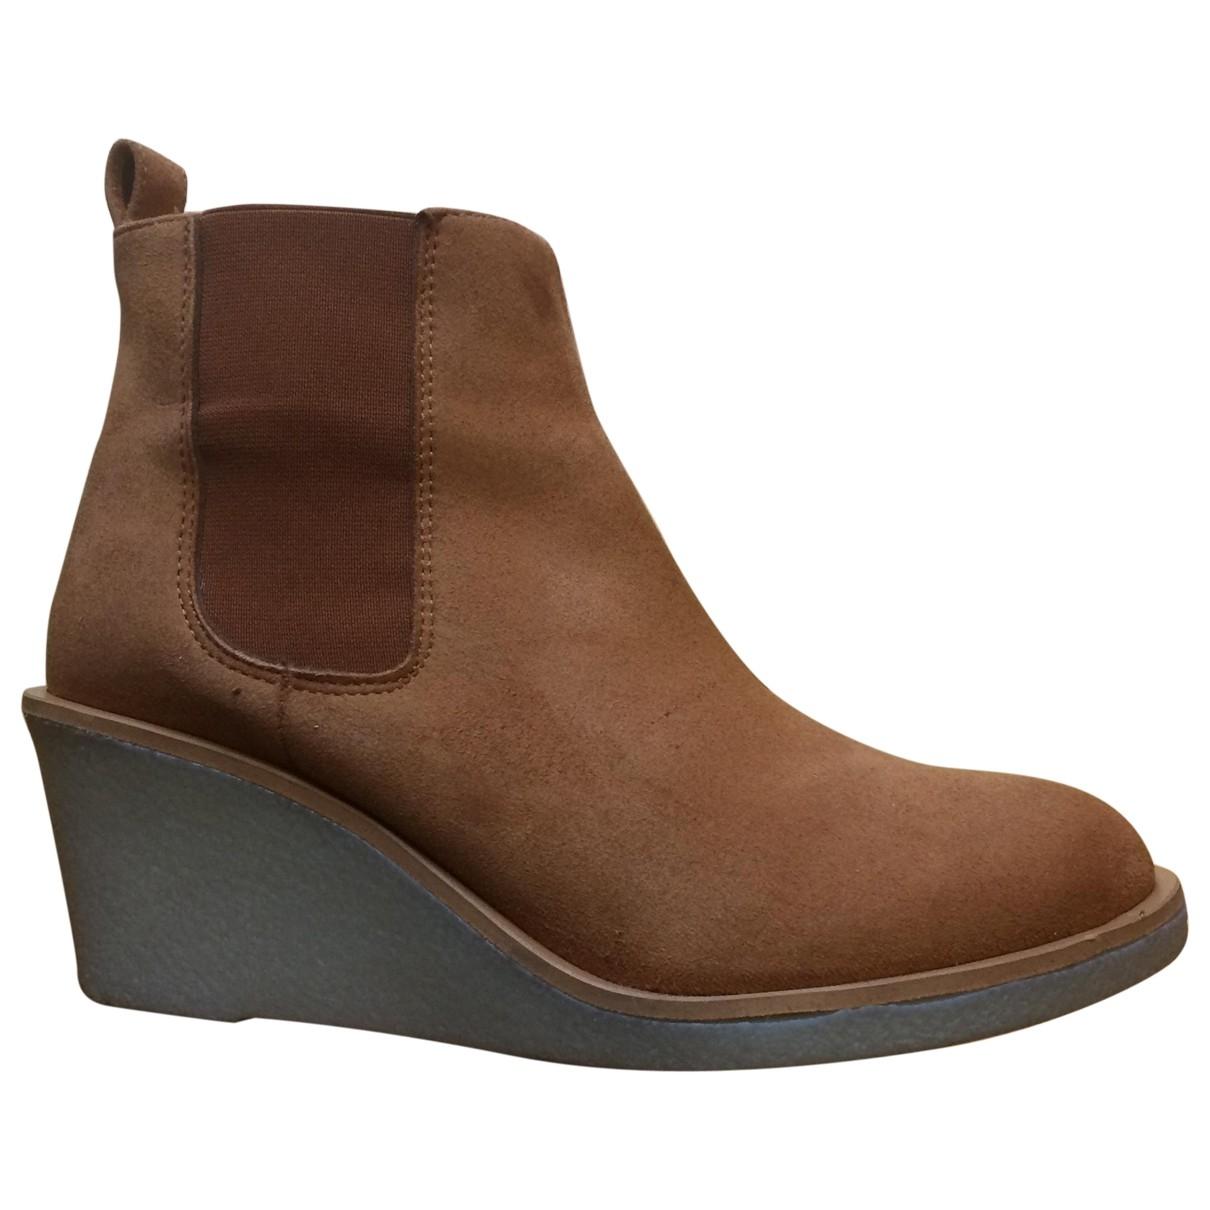 Good Guys - Boots   pour femme en fourrure synthetique - jaune